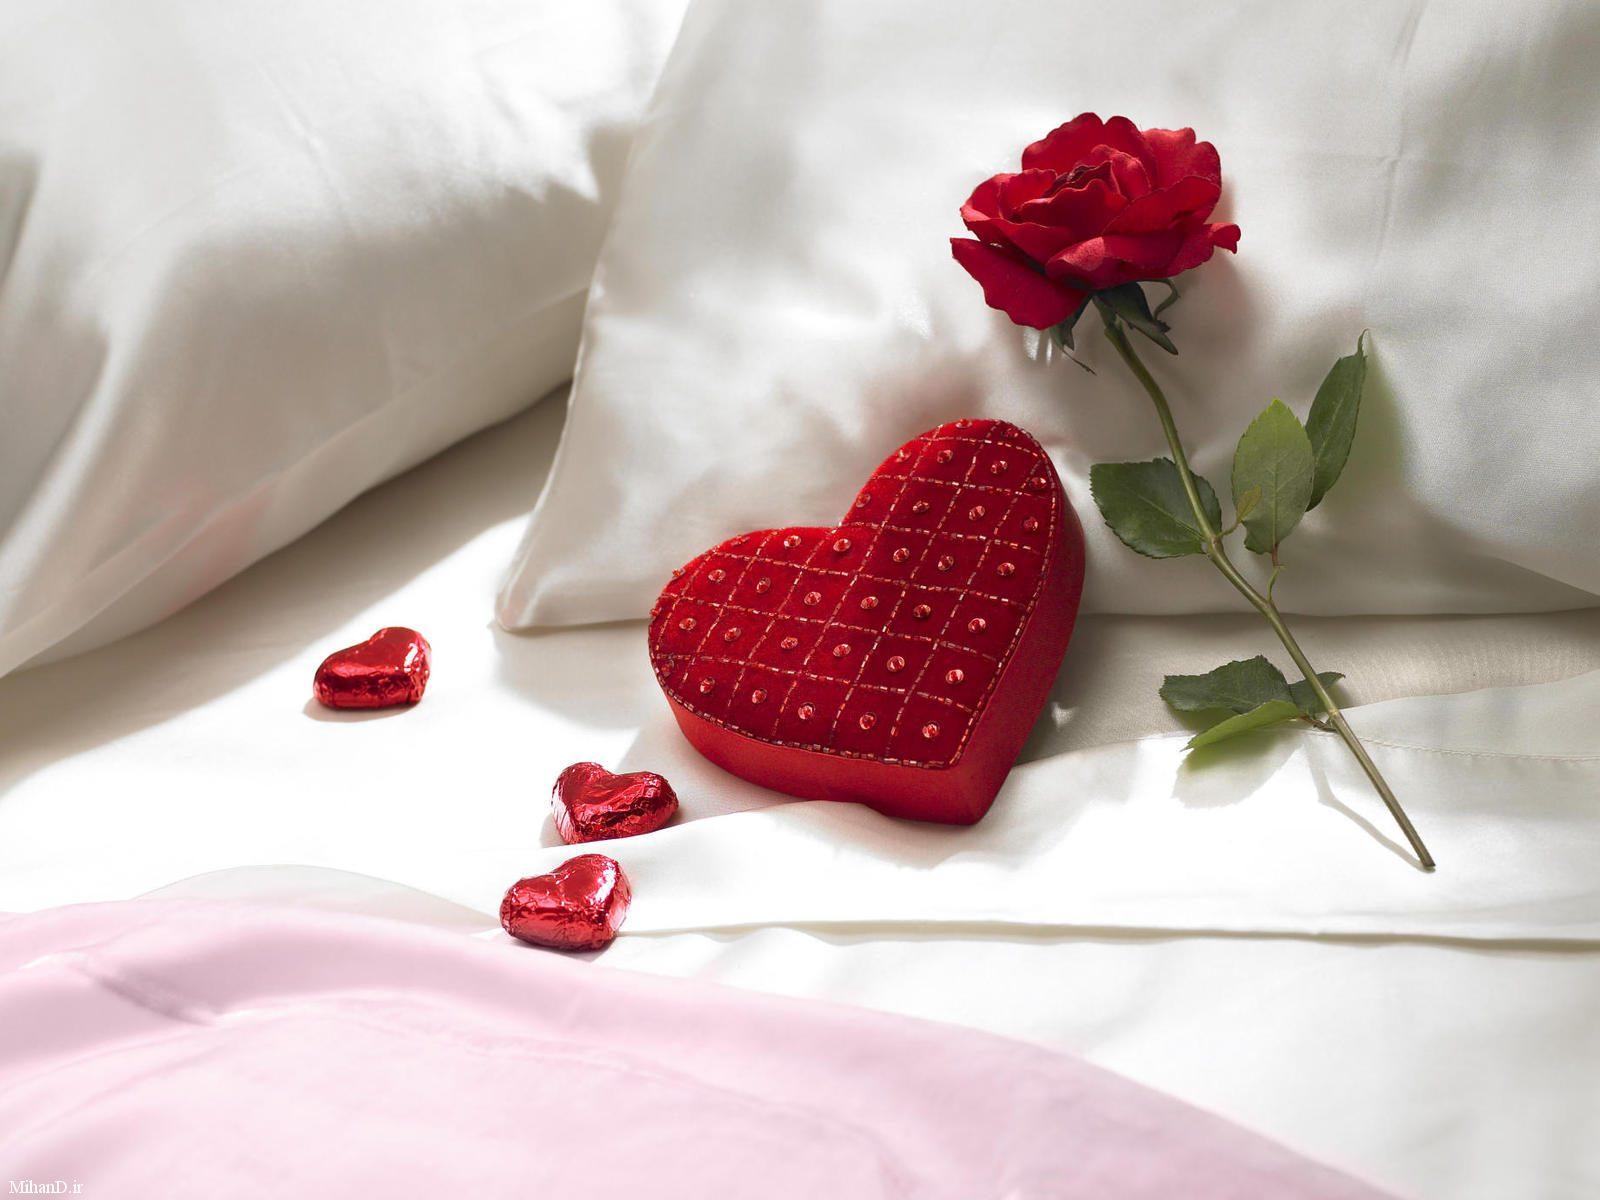 عکس های احساسی و فانتزی | عکس عاشقانه | تصاویر عاشقانه | عکسهای عاشقانه | عکسهای عاشقانه و رومانتیک | جملات عاشقانه| عکسهای عاشقانه احساسی | تصاویر رومانتیک احساسی | عکس عشقولانه